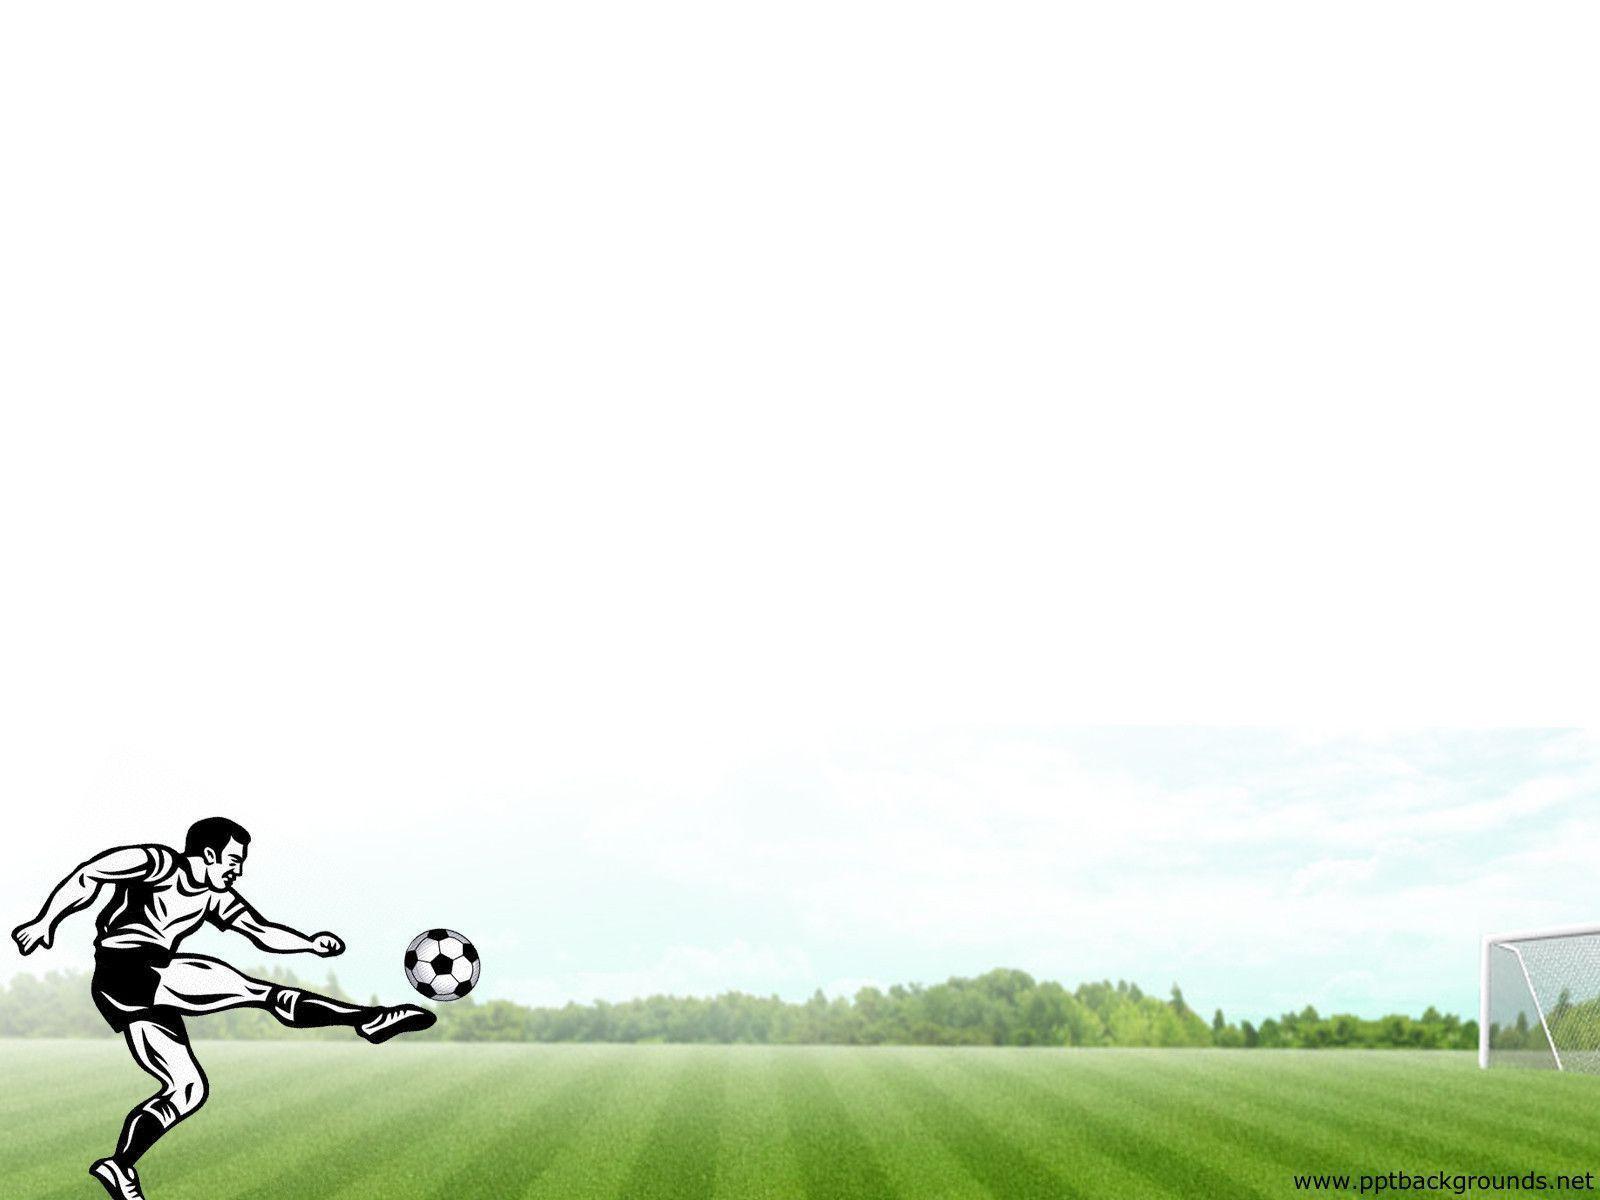 Football (Soccer Ball) PowerPoint Template